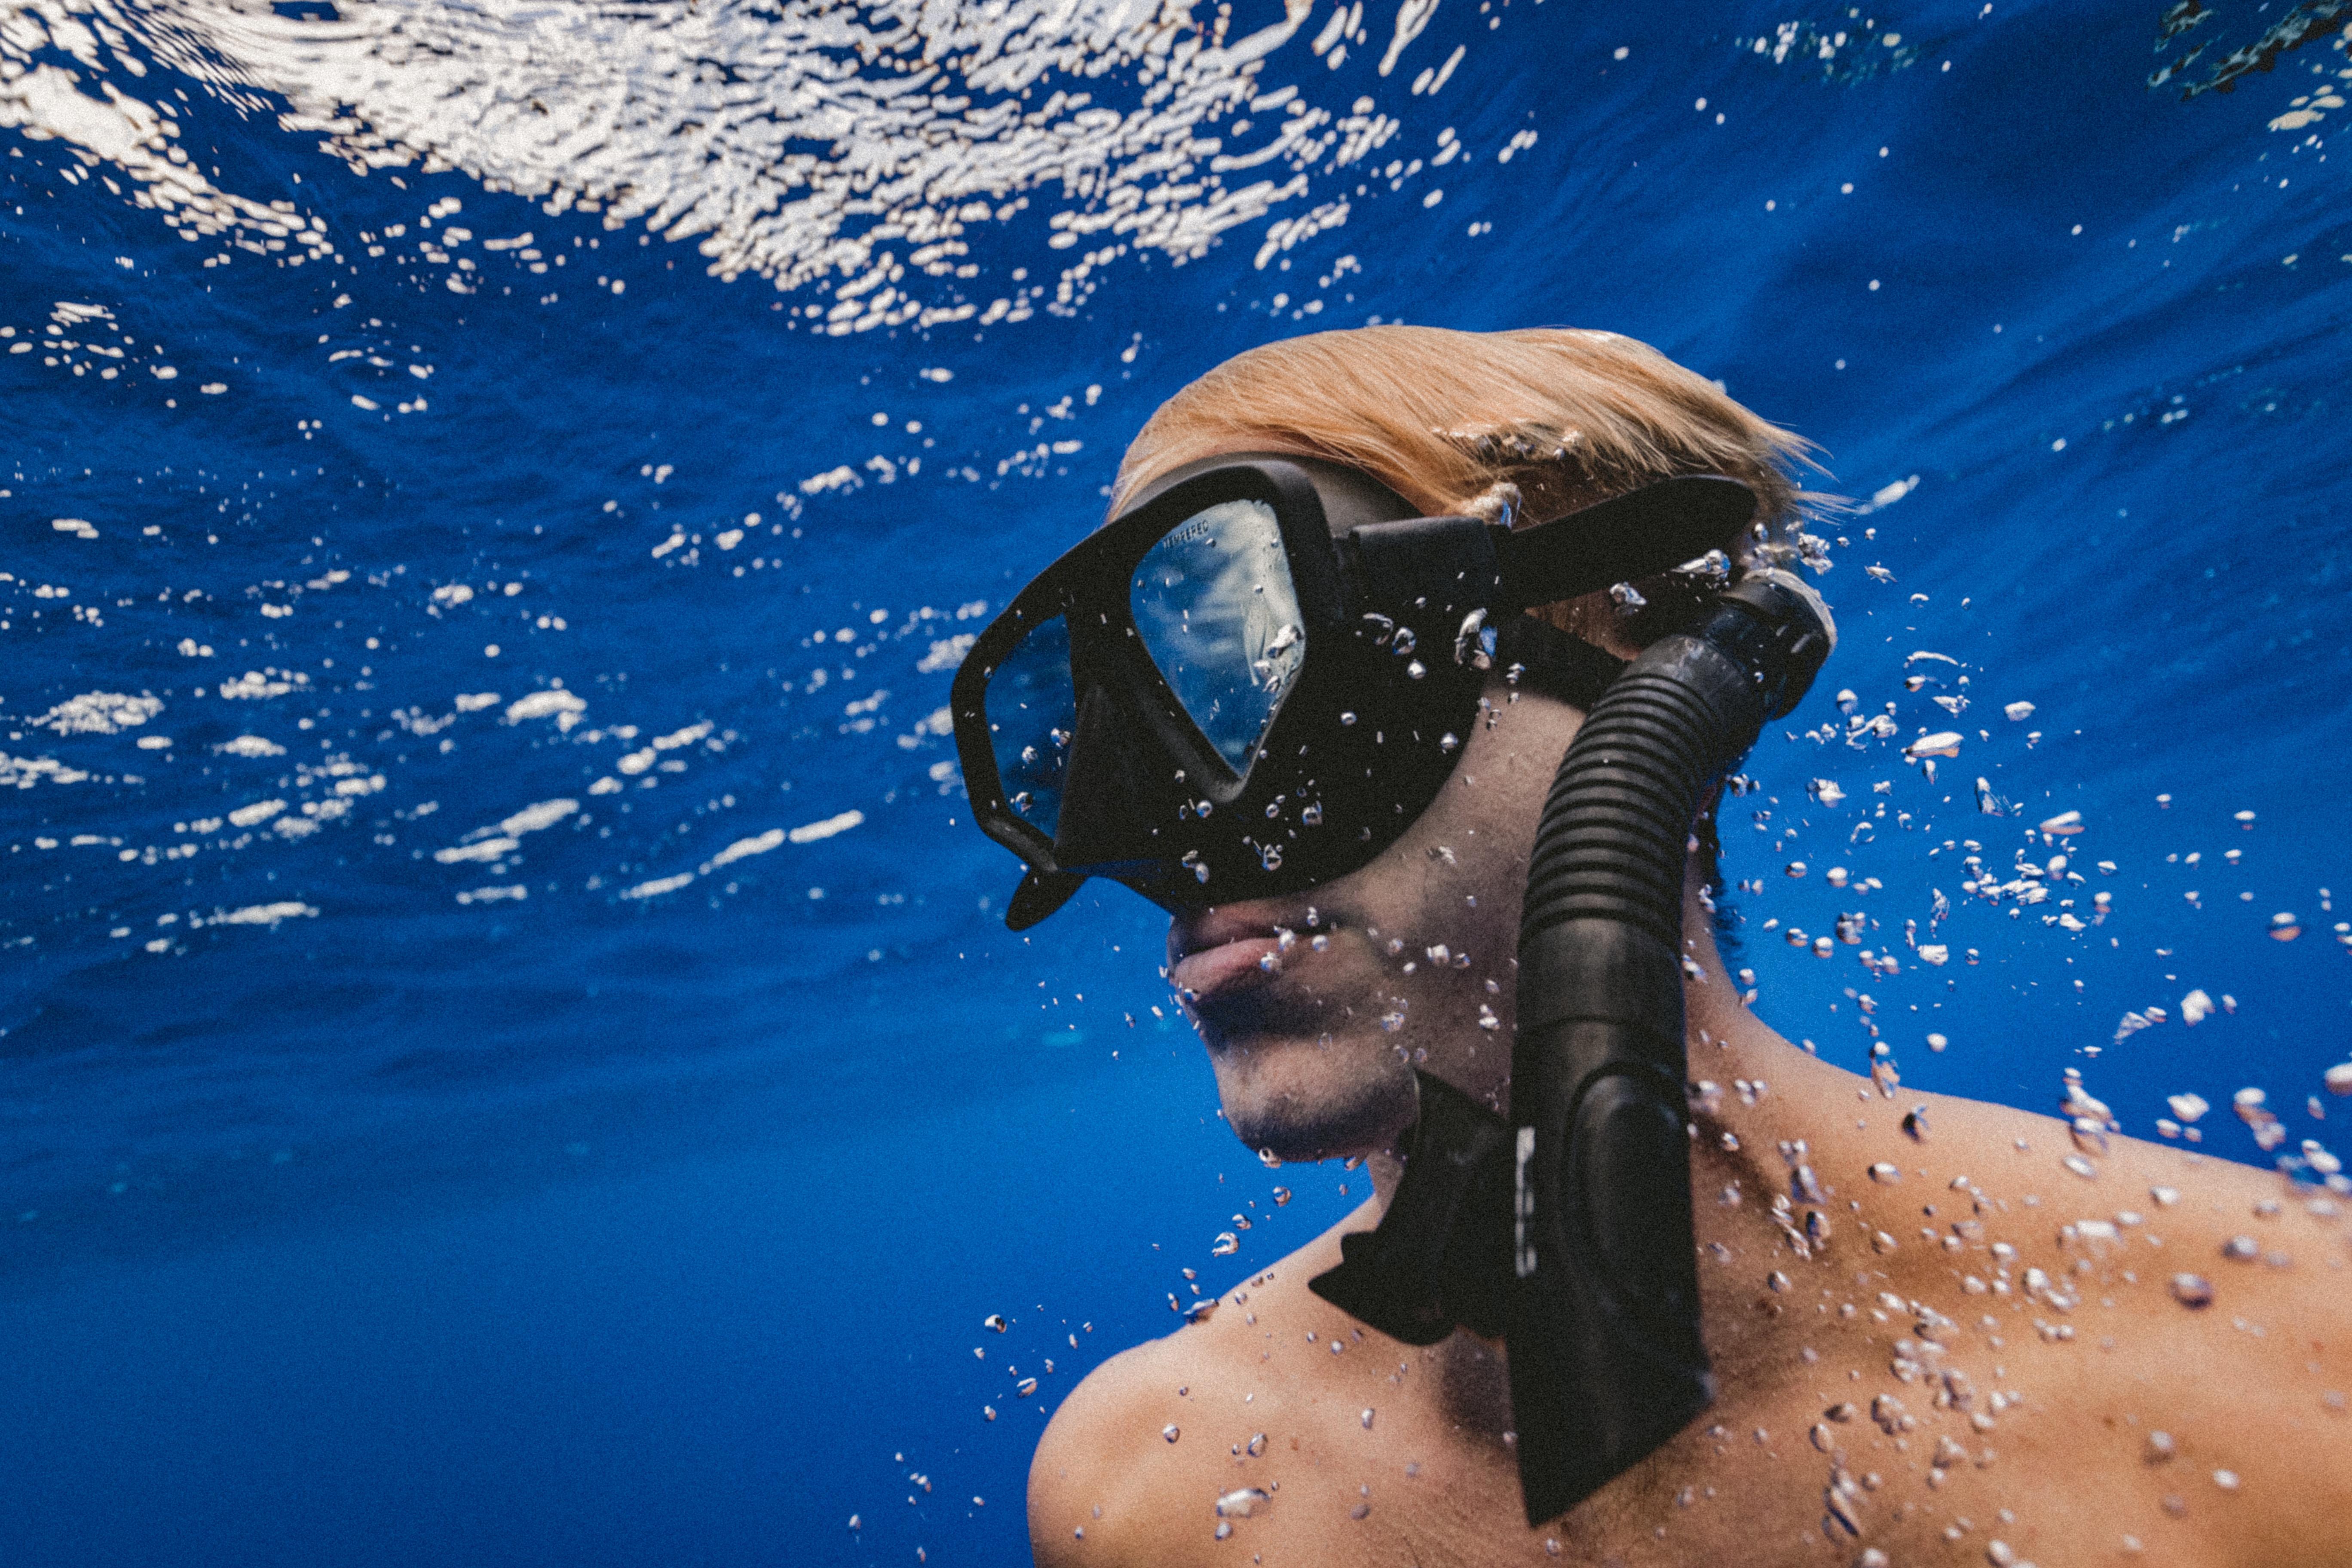 vacaciones-alternativas-tenerife-2019-vanilla-garden-snorkel